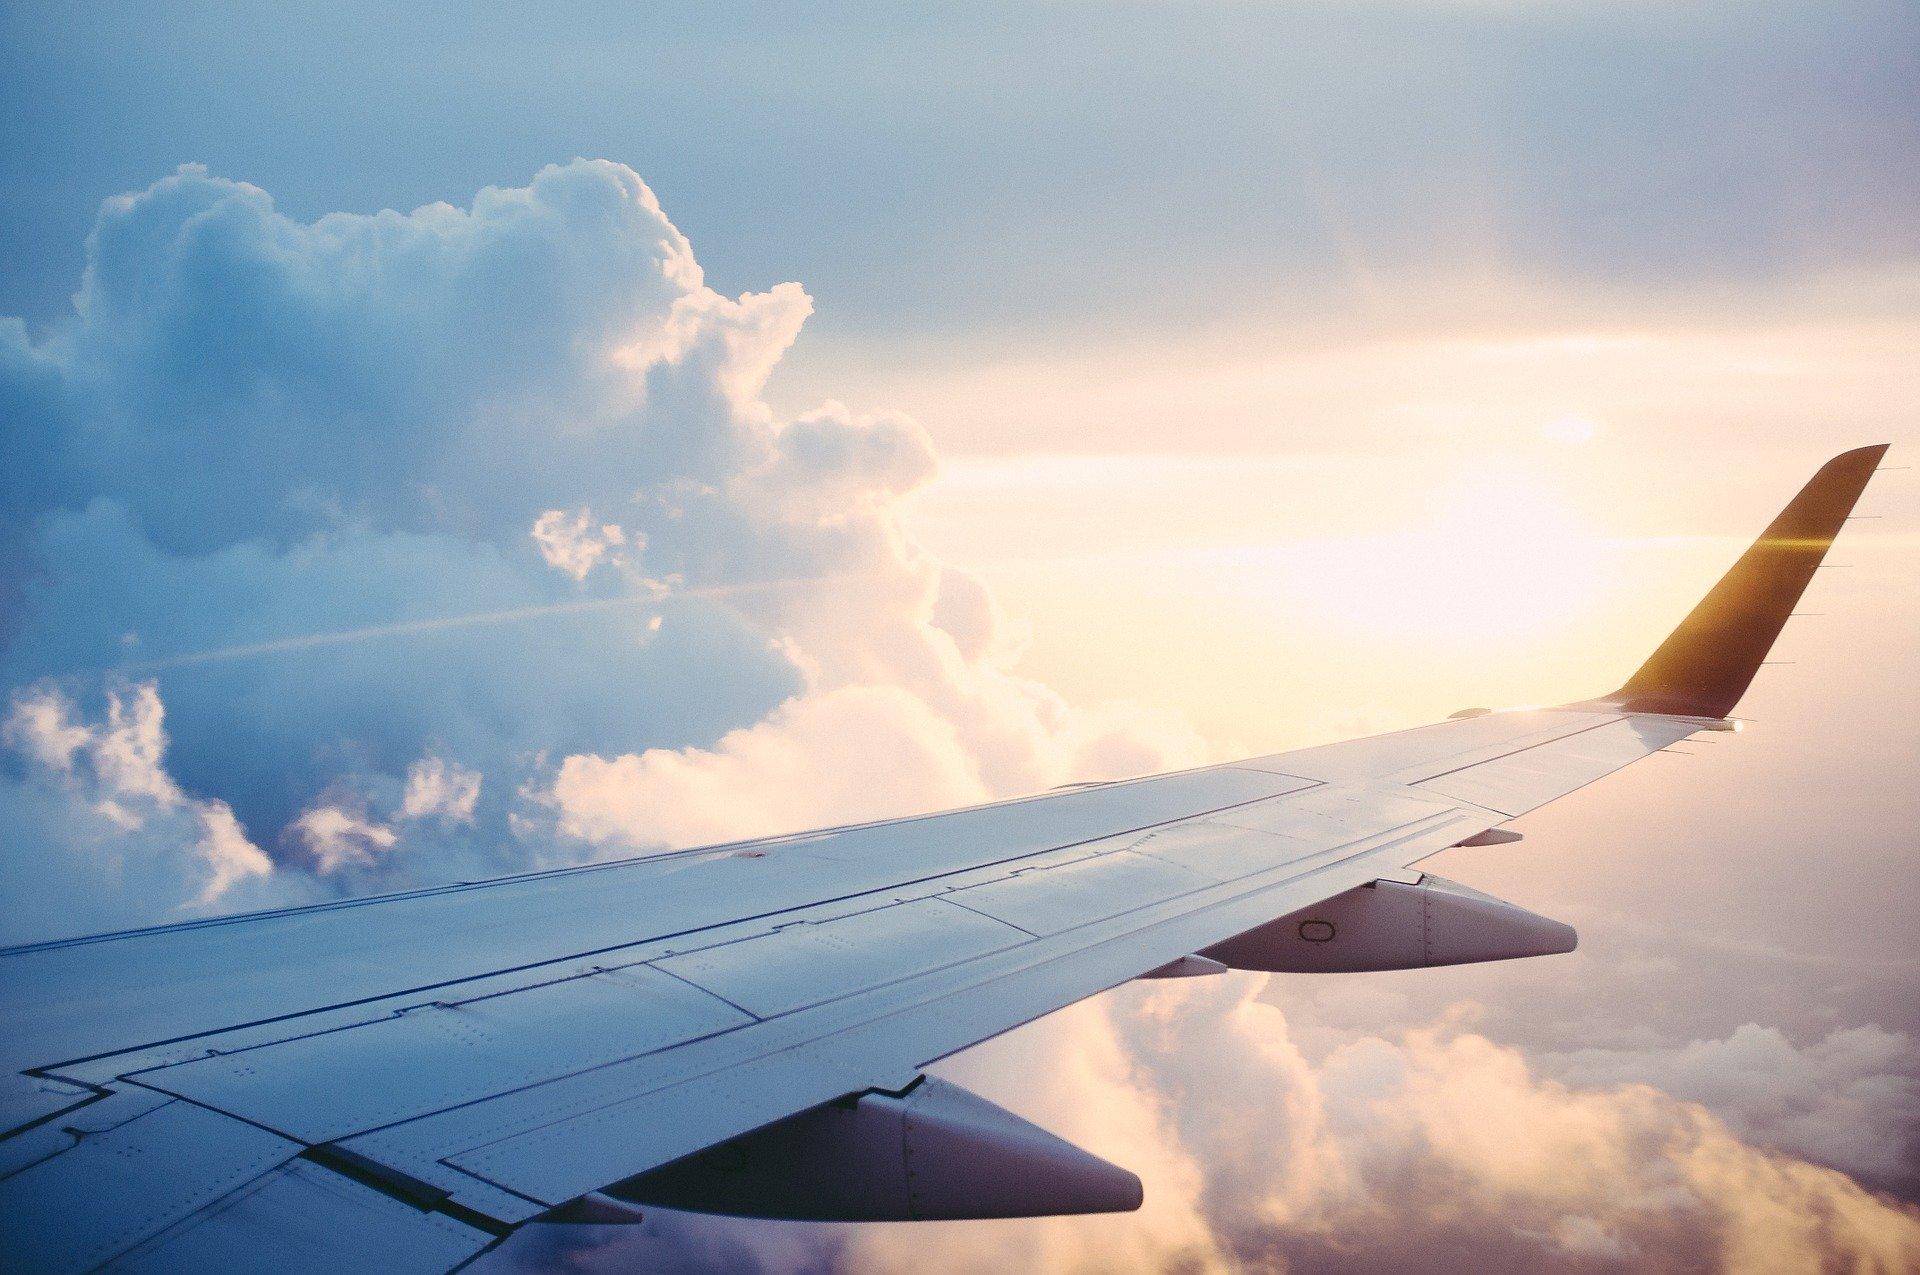 Авиасообщение между Нижним Новгородом и Санкт-Петербургом возобновится с 5 июня